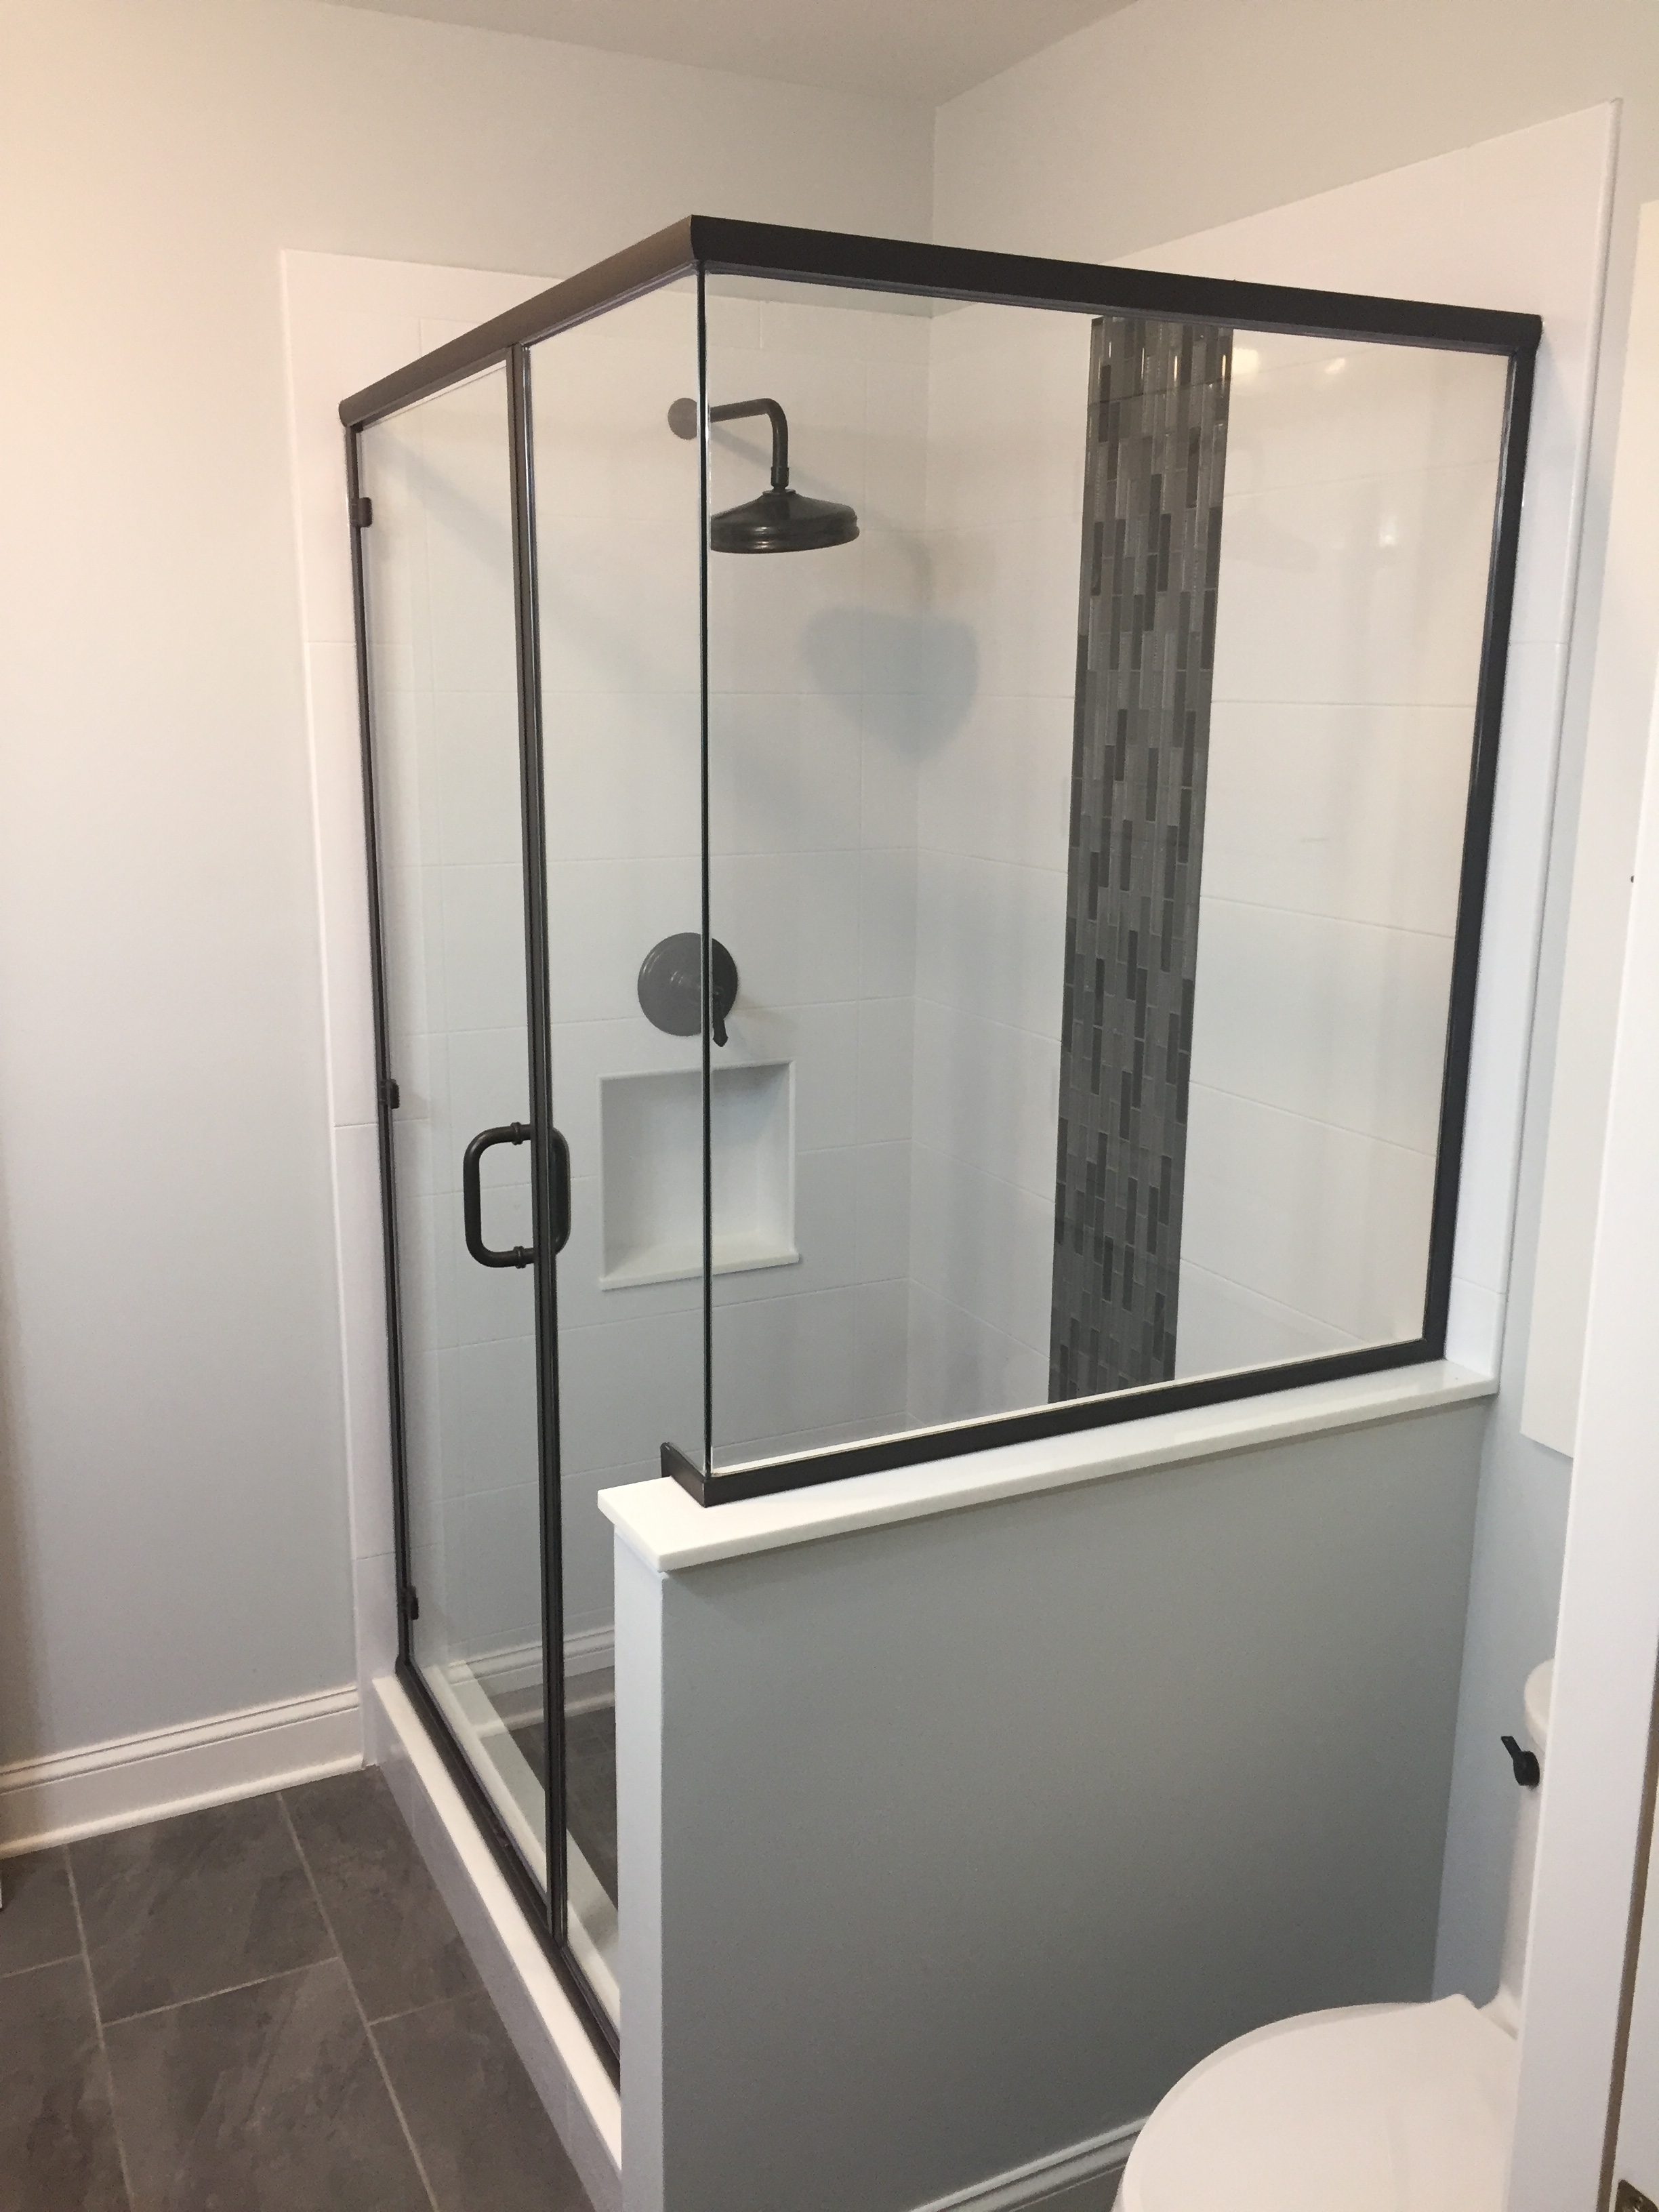 SemiFrameless90degreeShowerEnclosure_GlasstoGlassCorner.1